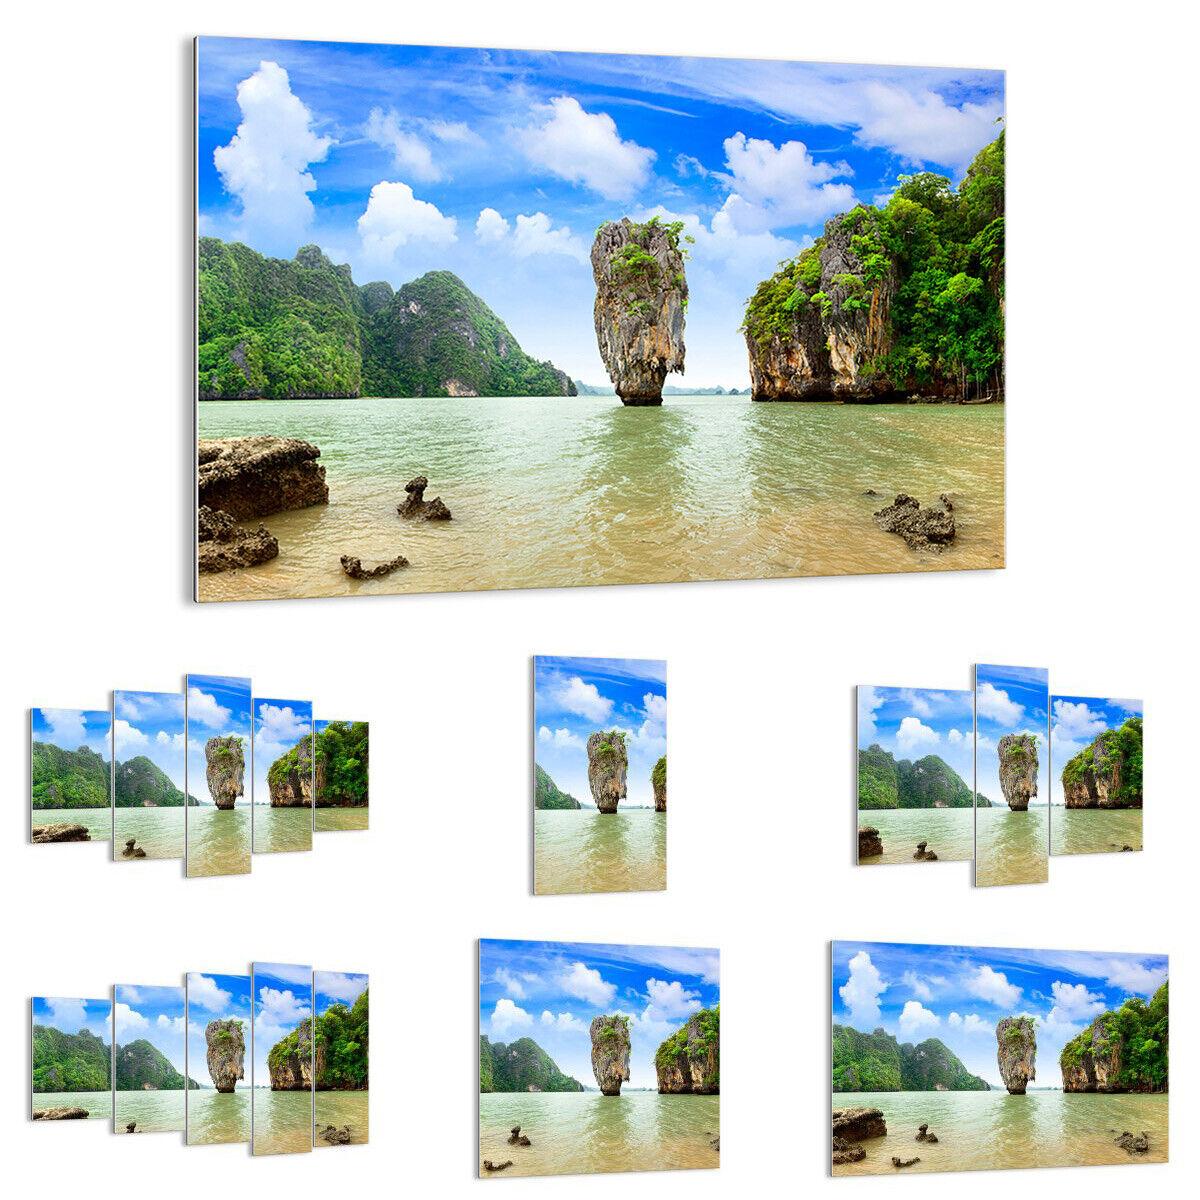 IMAGEN EN VIDRIO Cuadro Piedra Playa Paisaje 0224 ES